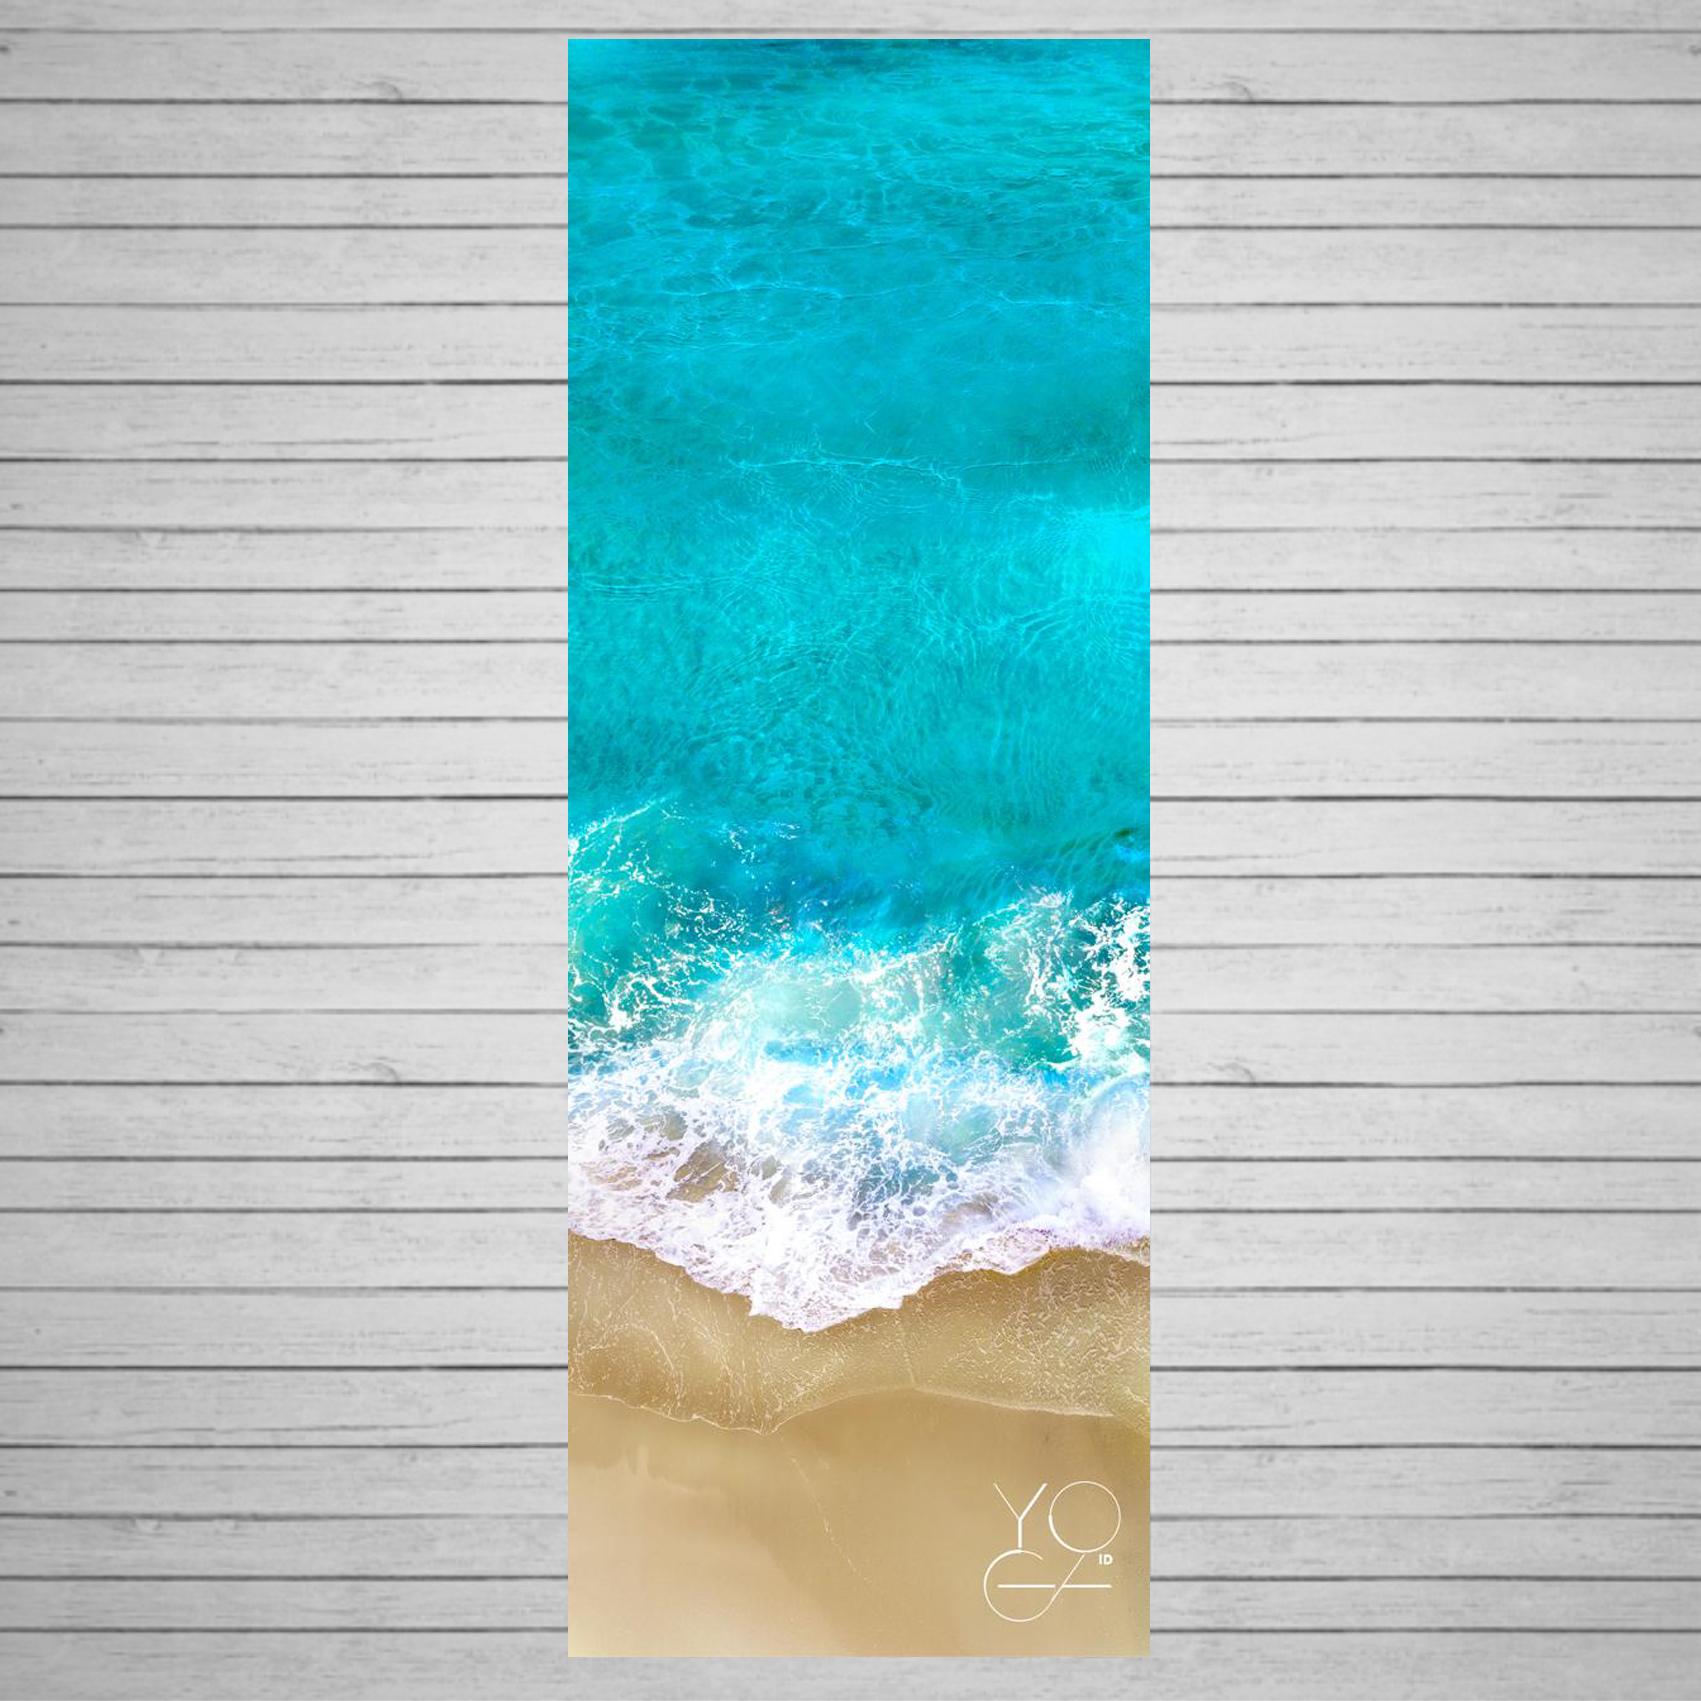 Коврик для йоги Ocean ID из микрофибры и каучука (2,3 кг, 173 см, 3 мм, 60 см)